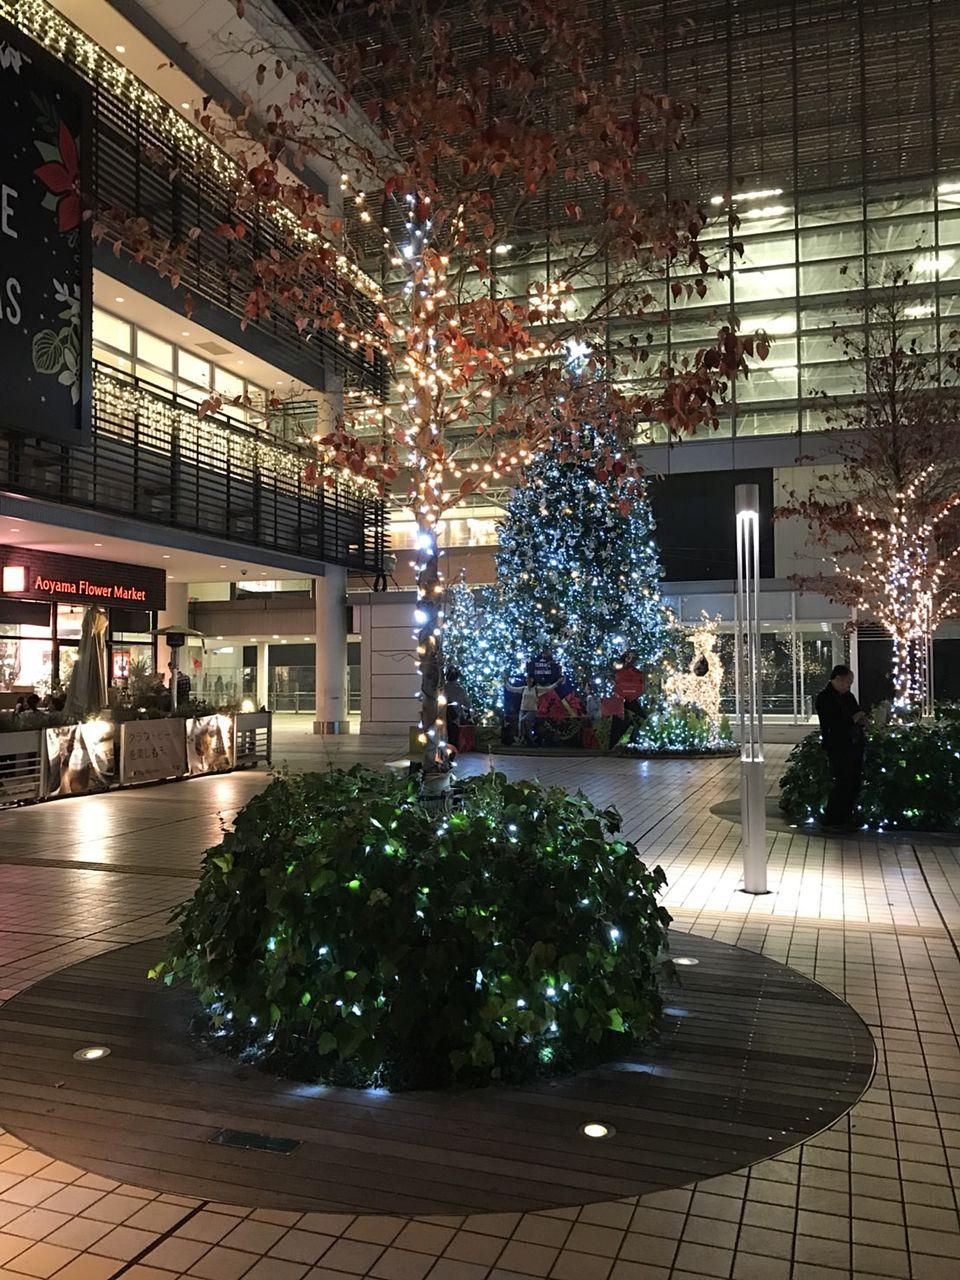 たまプラーザ駅南口の2018年クリスマスの様子